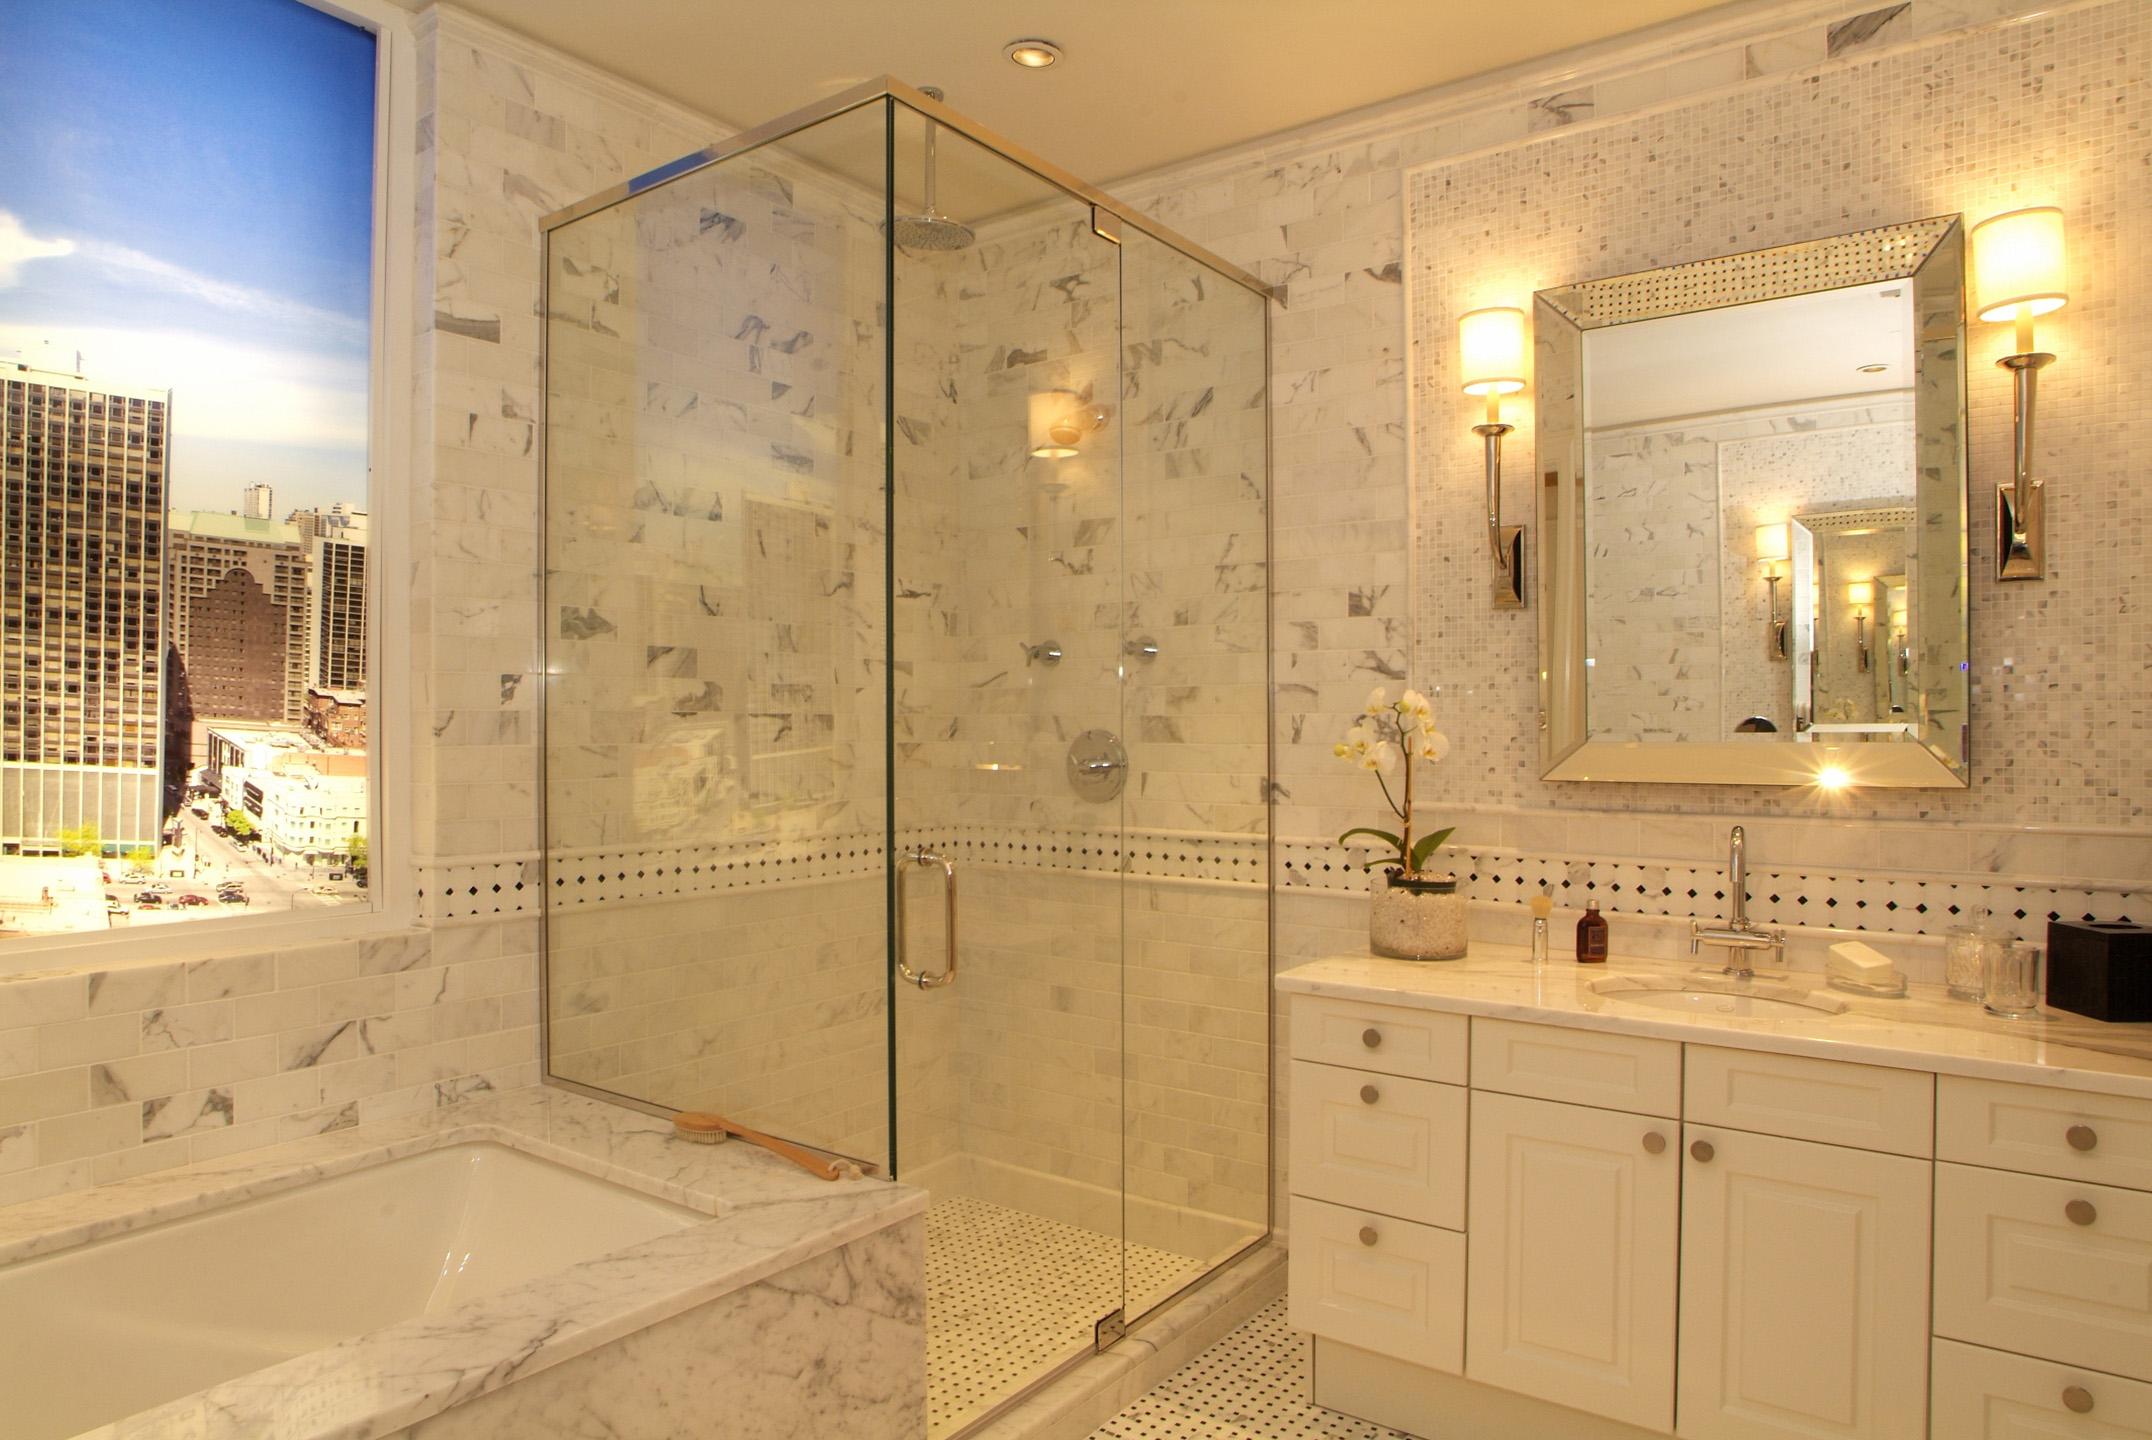 Ten East Delware bathroom